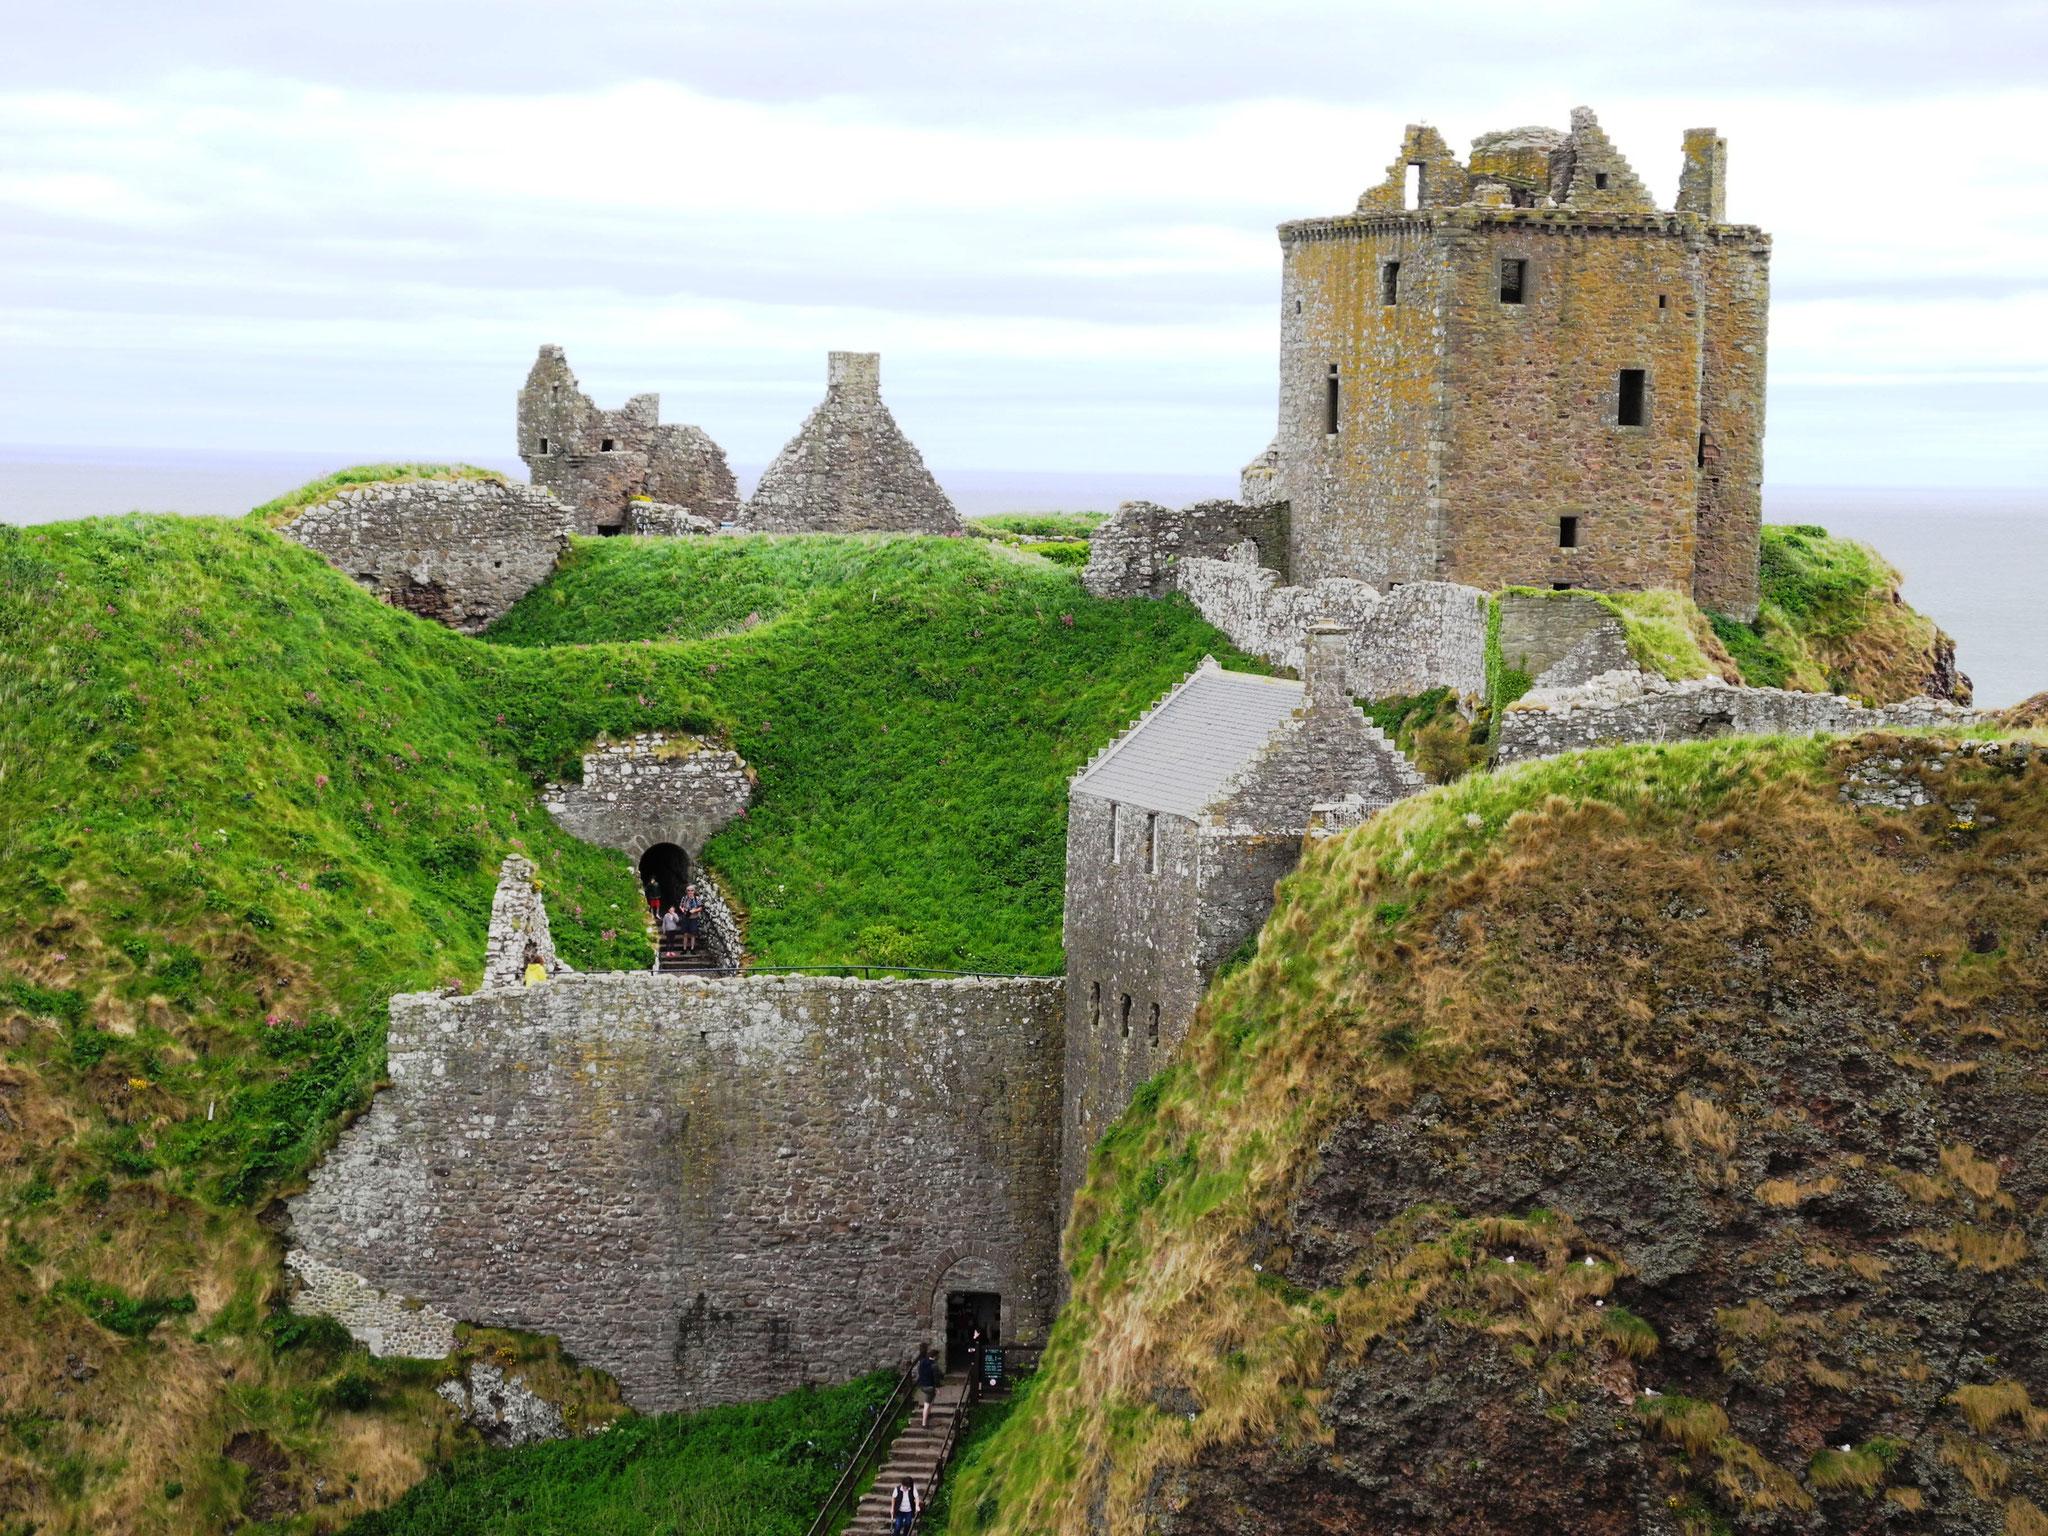 Und besuchen endlich mal das sagenumwobene Dunottar Castle